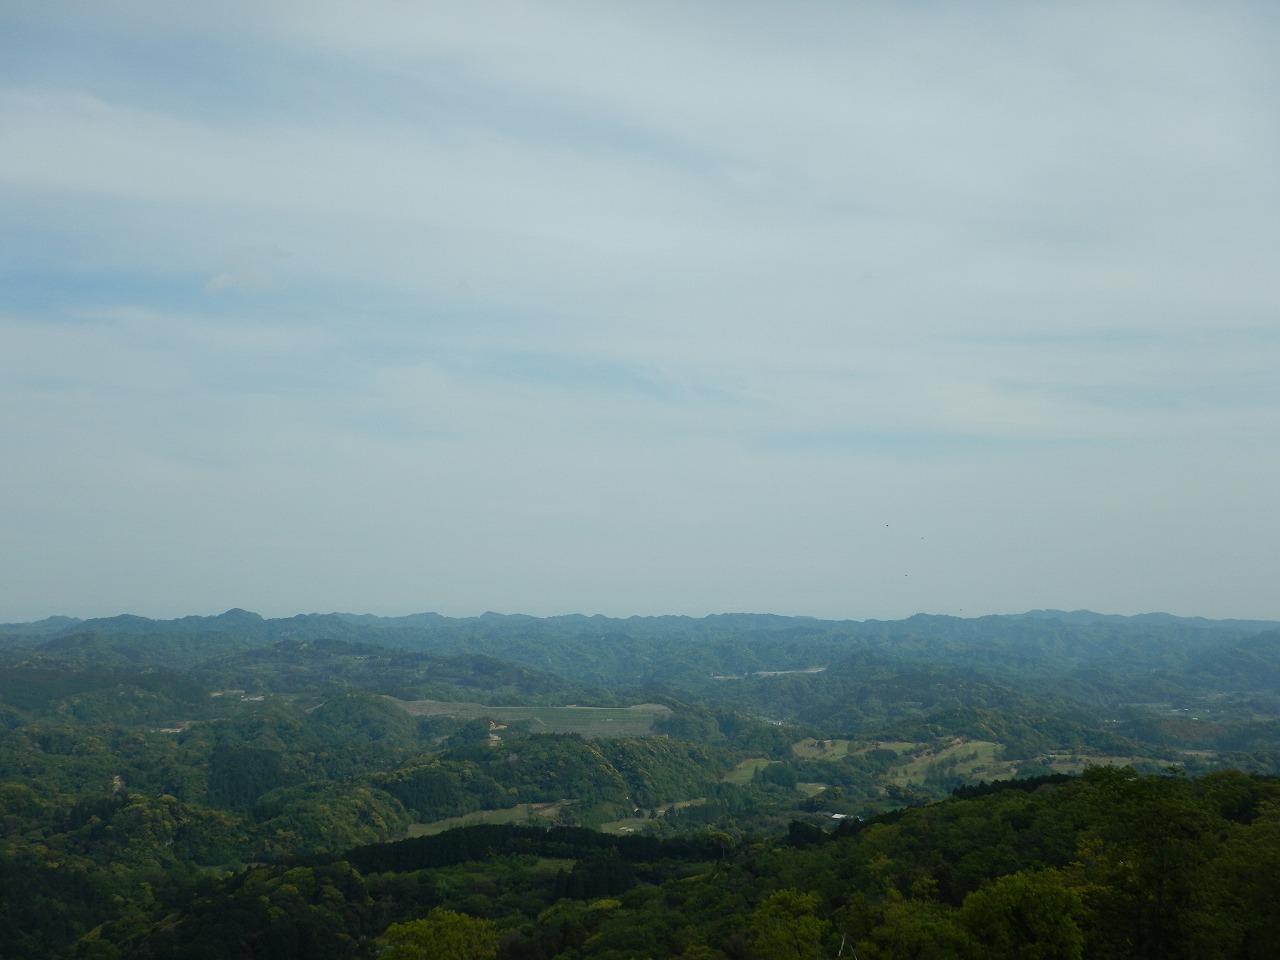 マザー牧場からの景観